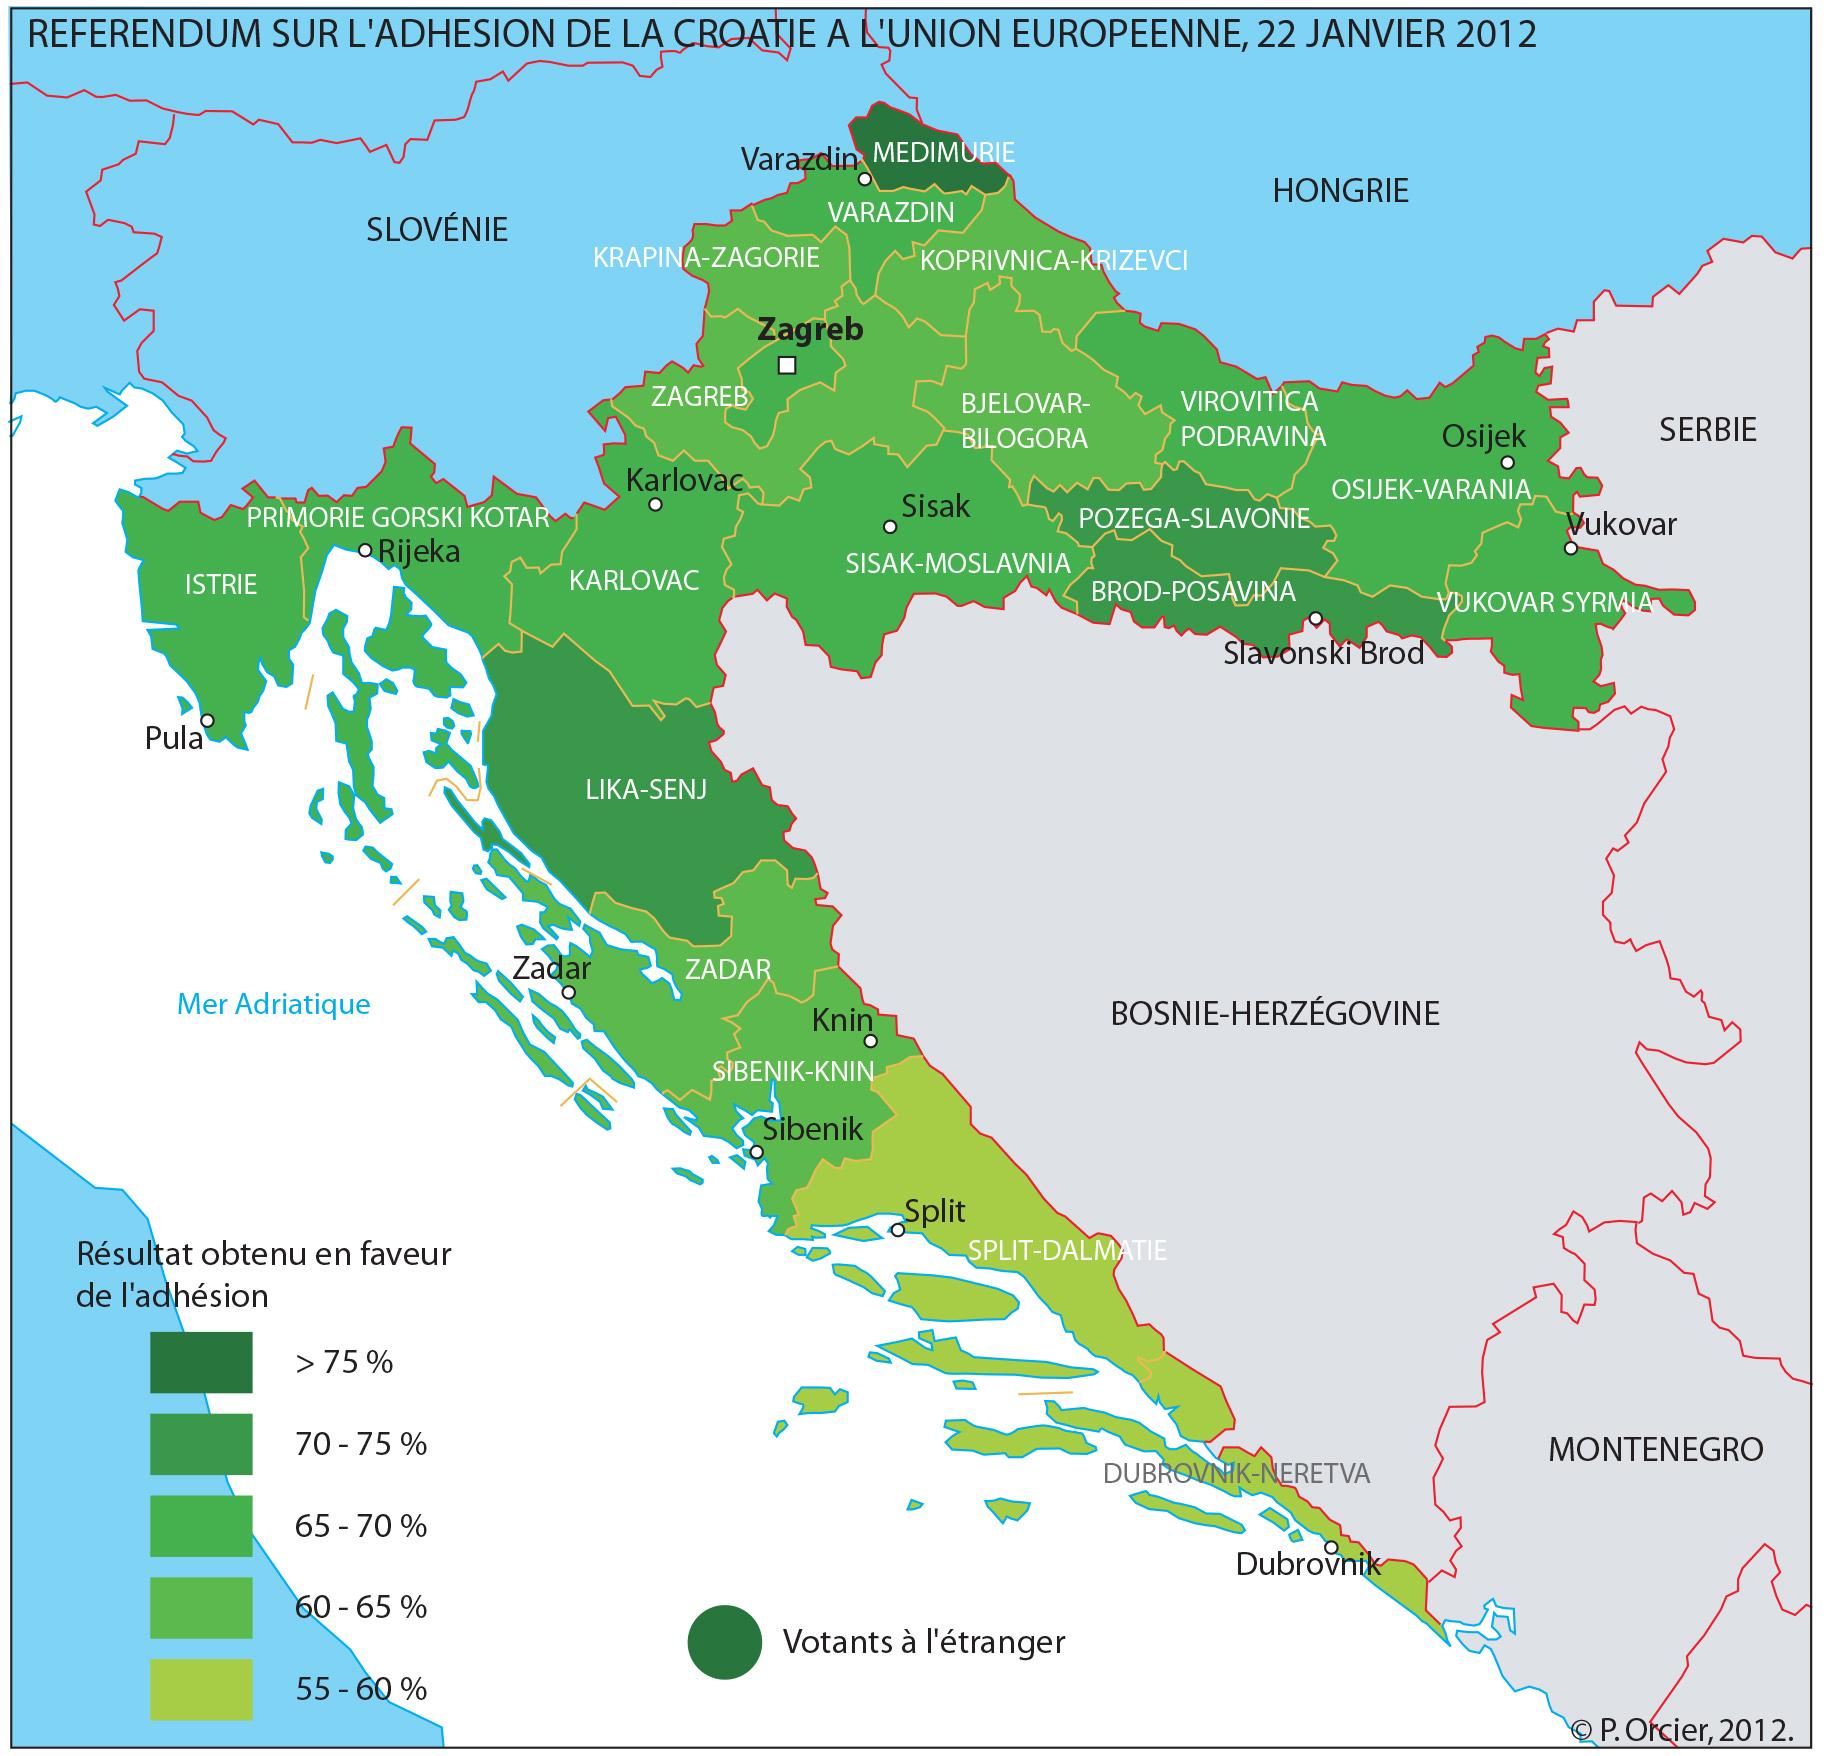 Référendum d'adhésion à l'Union Européenne en Croatie CARTE